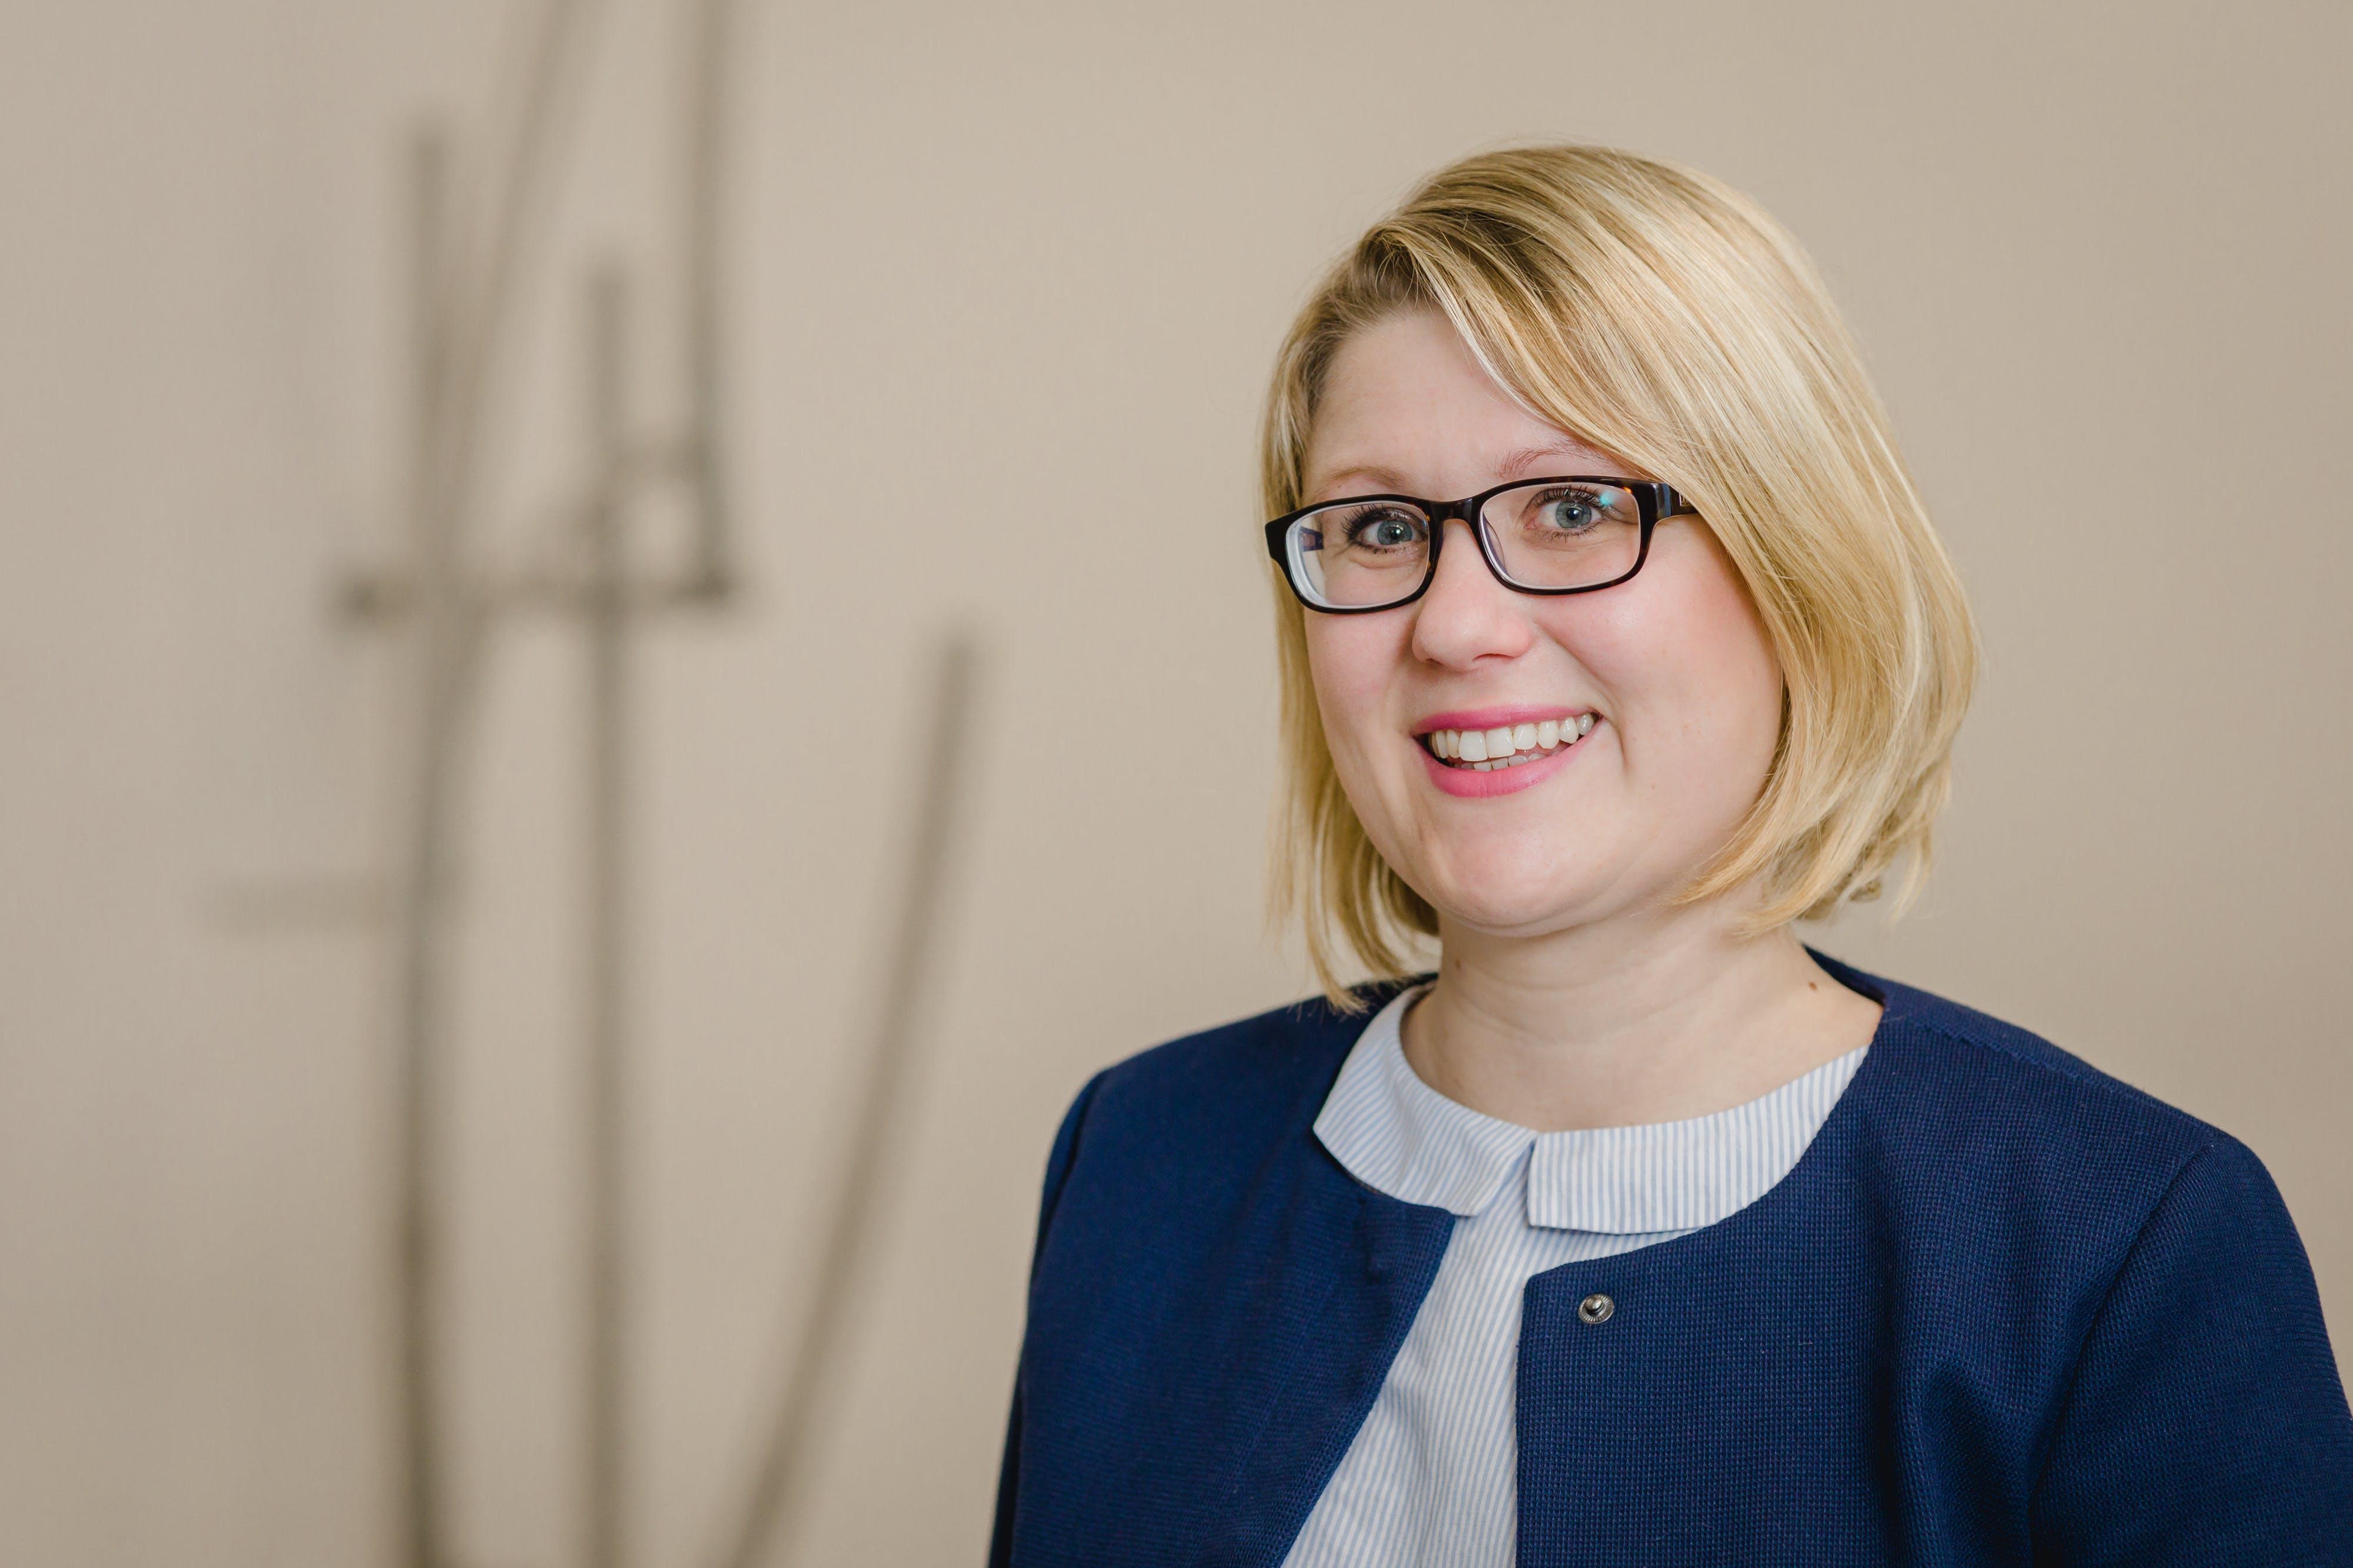 Johanna Kállai